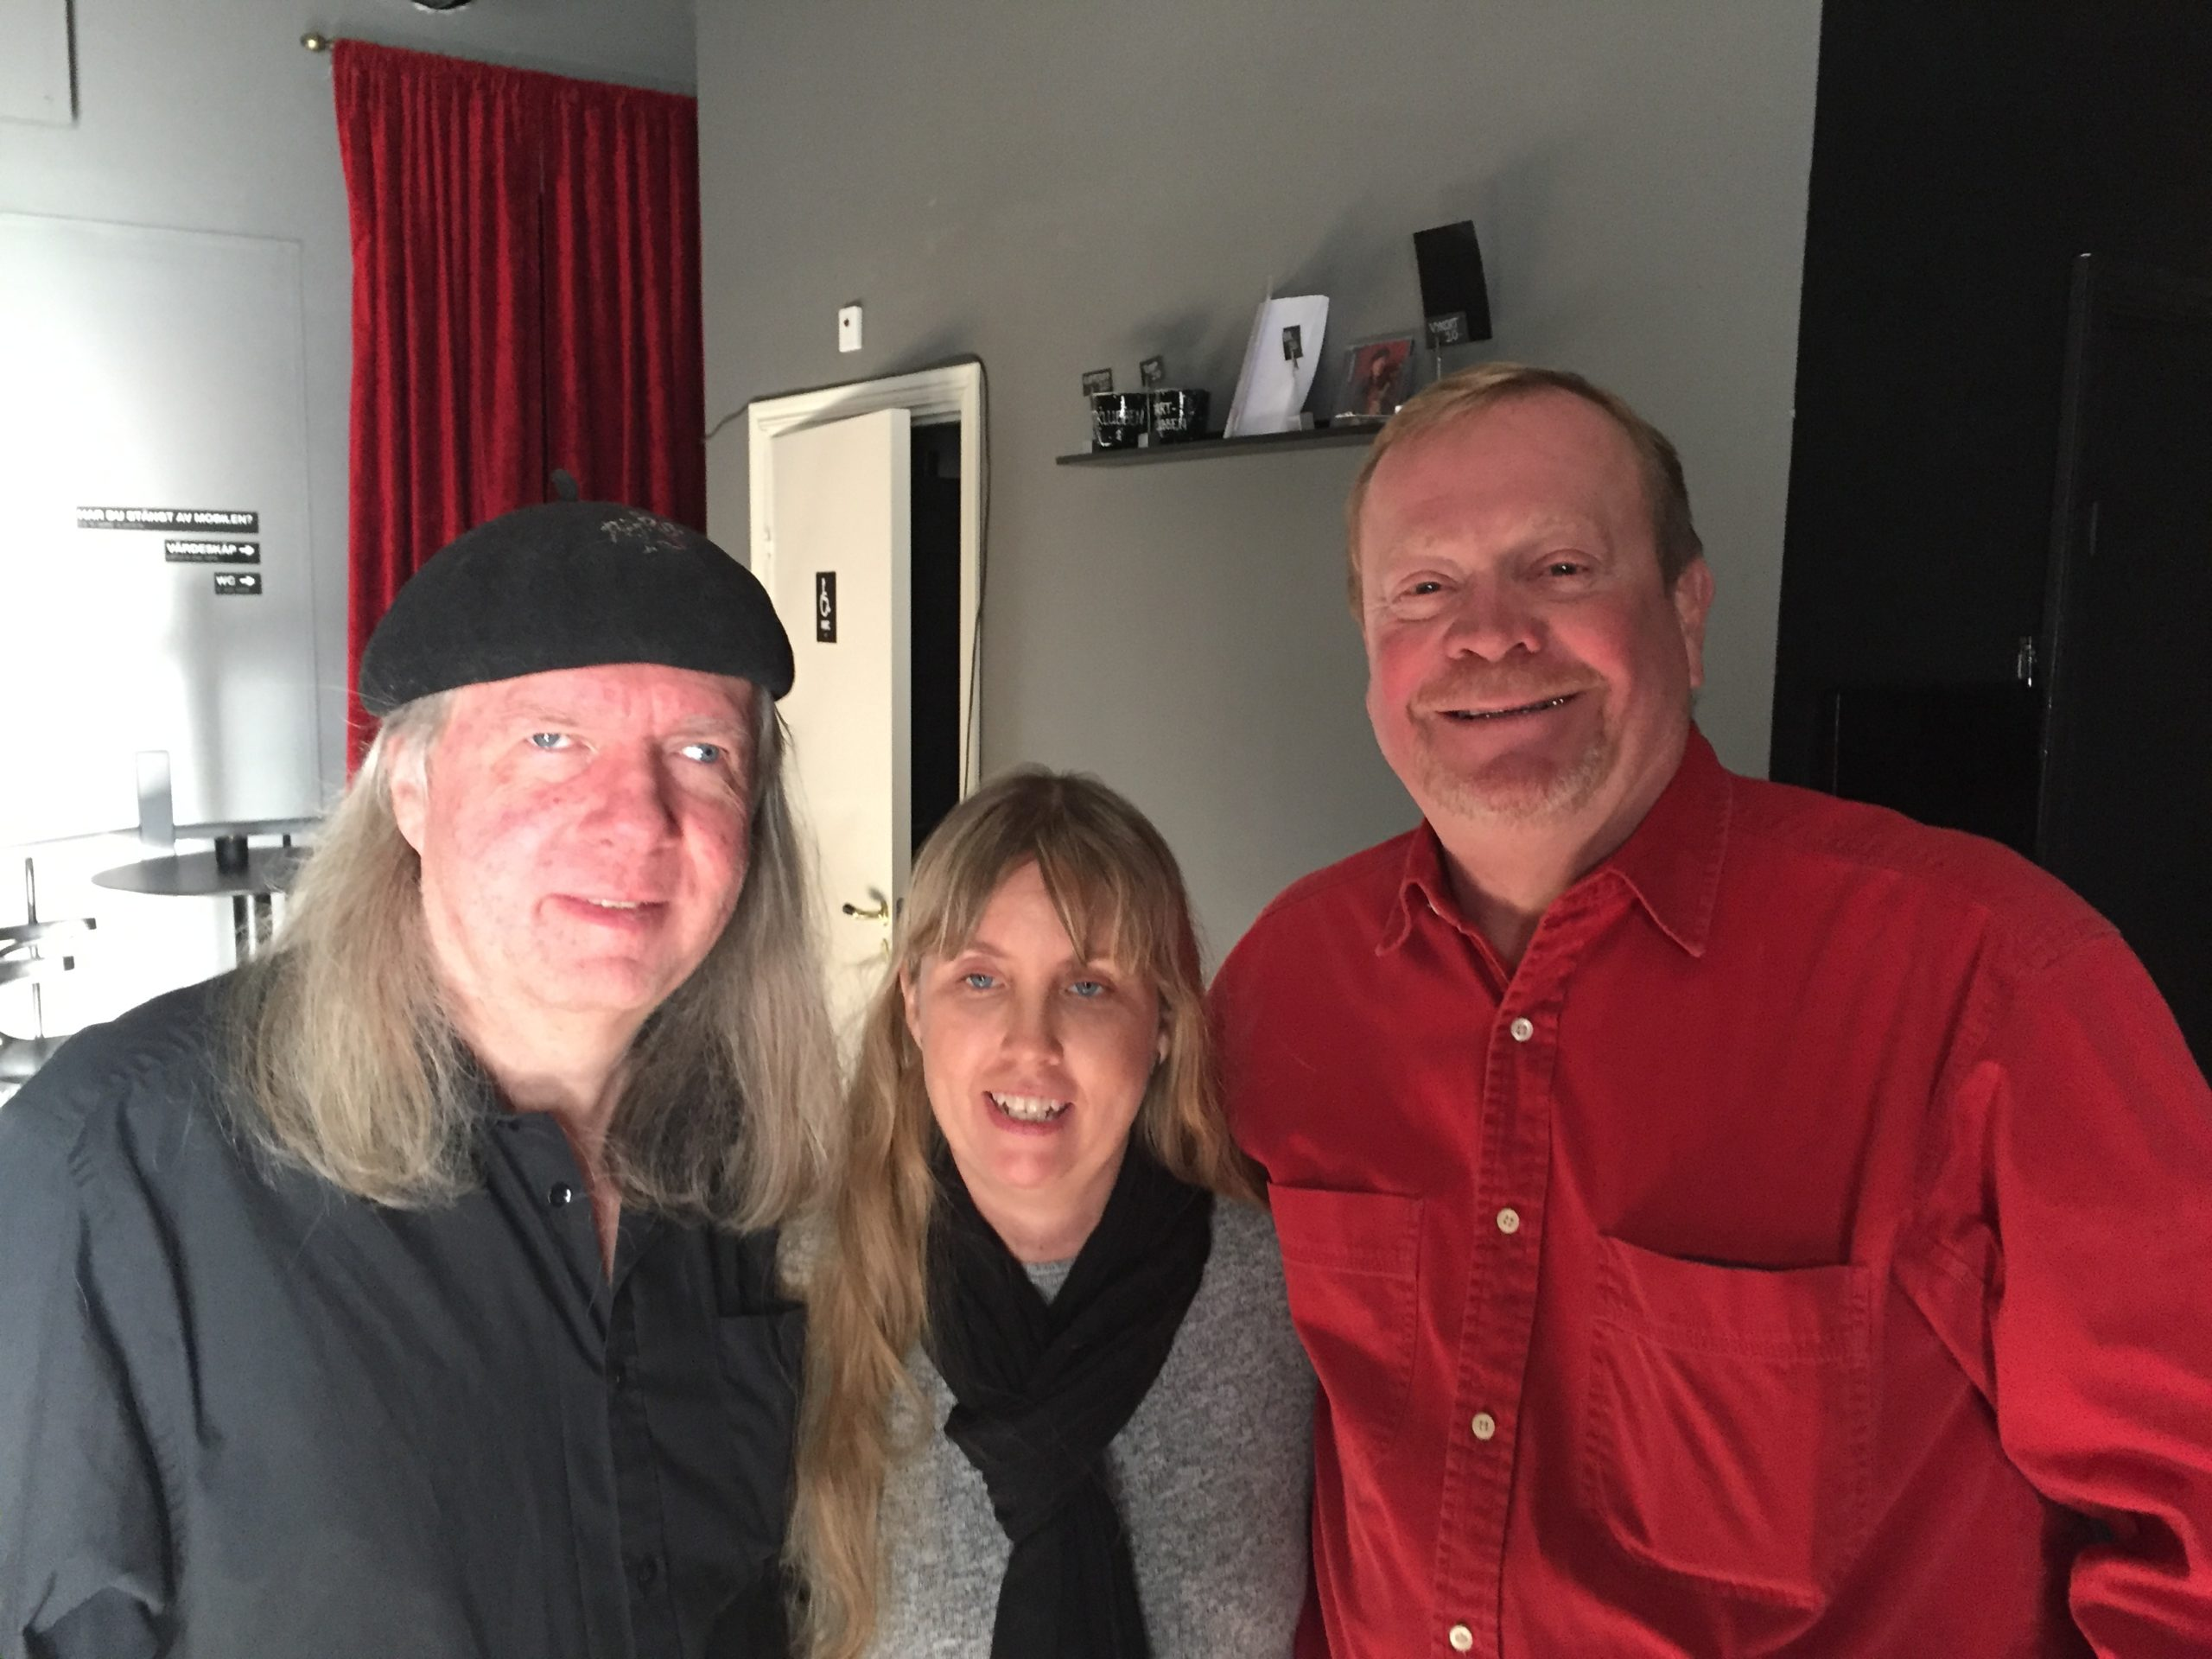 Ulf, Anna och Jonas i studion. Gråa väggar och ett rött drapperi i bakgrunden. Ulf har svart basker, långt grått hår och en svart skjorta. Anna har långt blont hår, en svart halsduk och en grå tröja. Jonas har kort ljust hår och en röd långärmad skjorta.